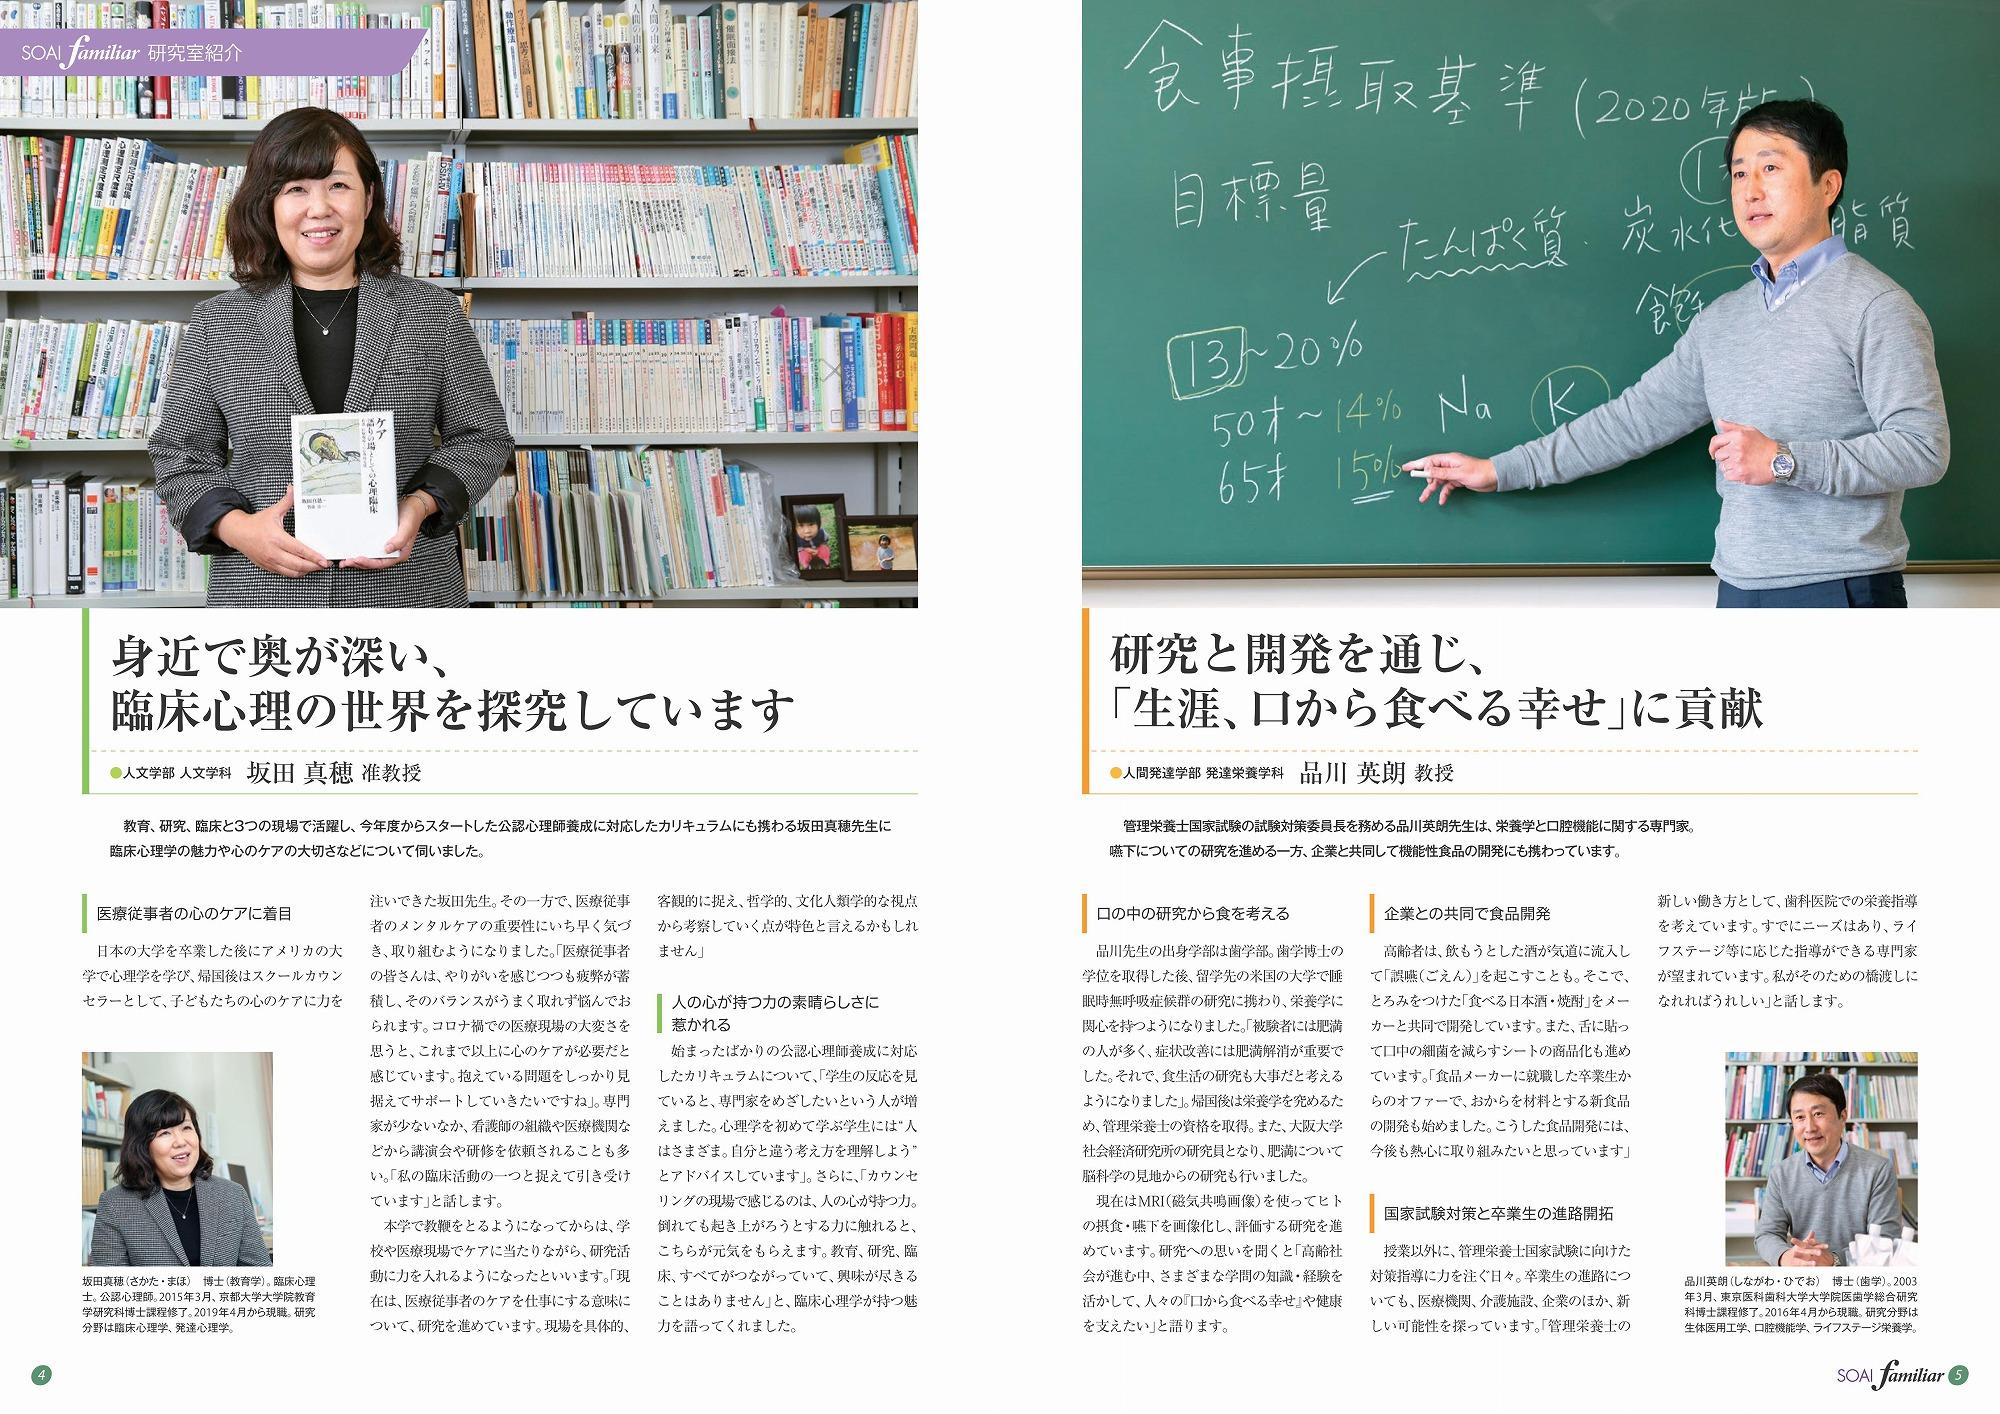 https://www.soai.ac.jp/information/news/2021_soaifamiliar_02.jpg